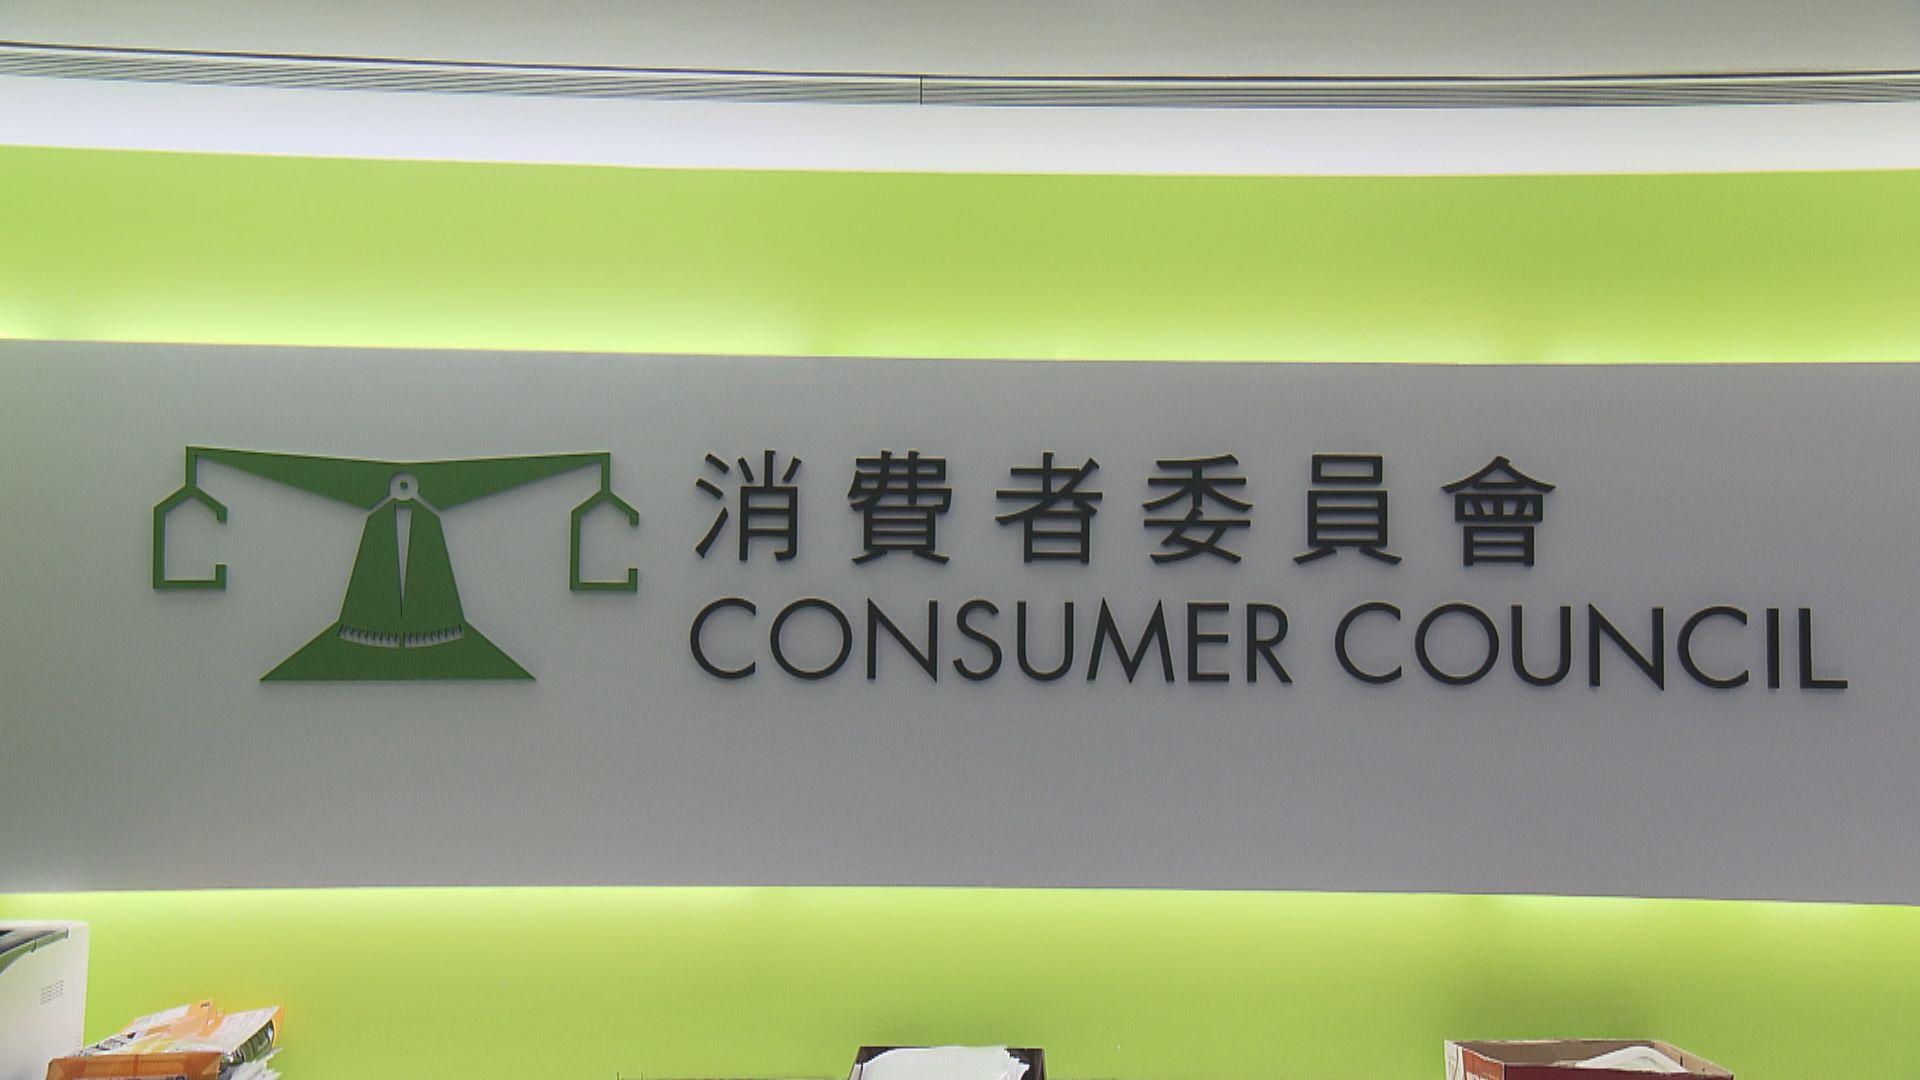 【消委會】超市食米及茶包平均售價升逾一成